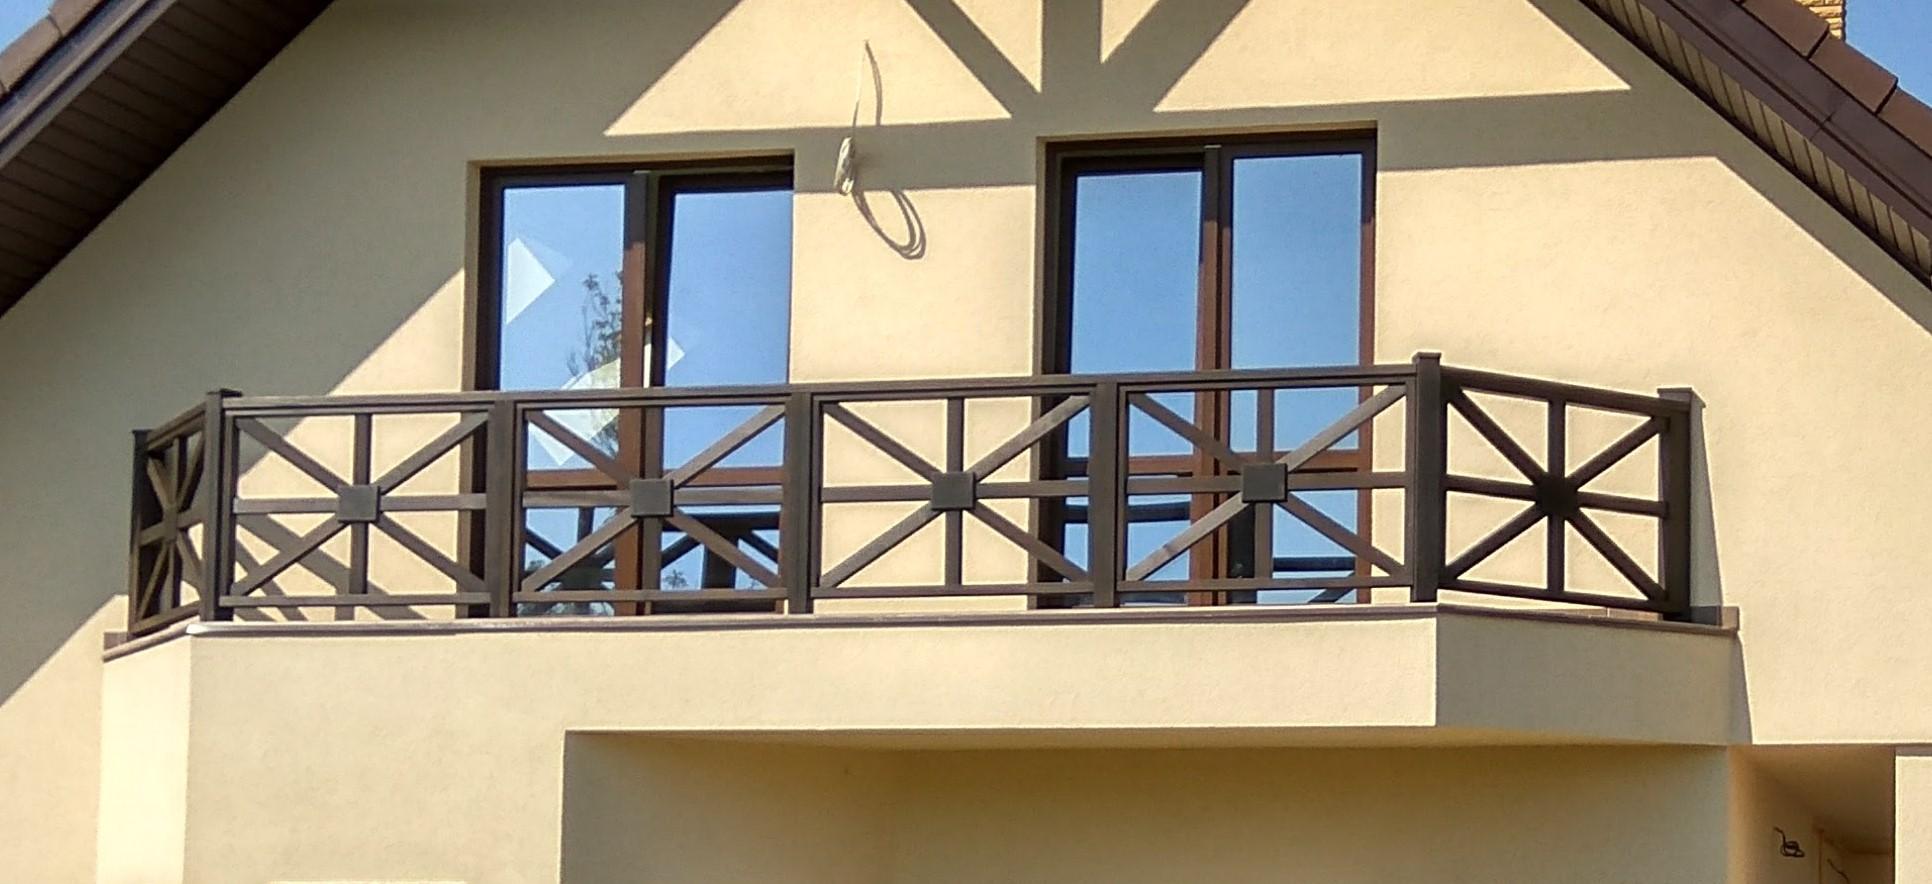 Как сделать перила для балкона своими руками